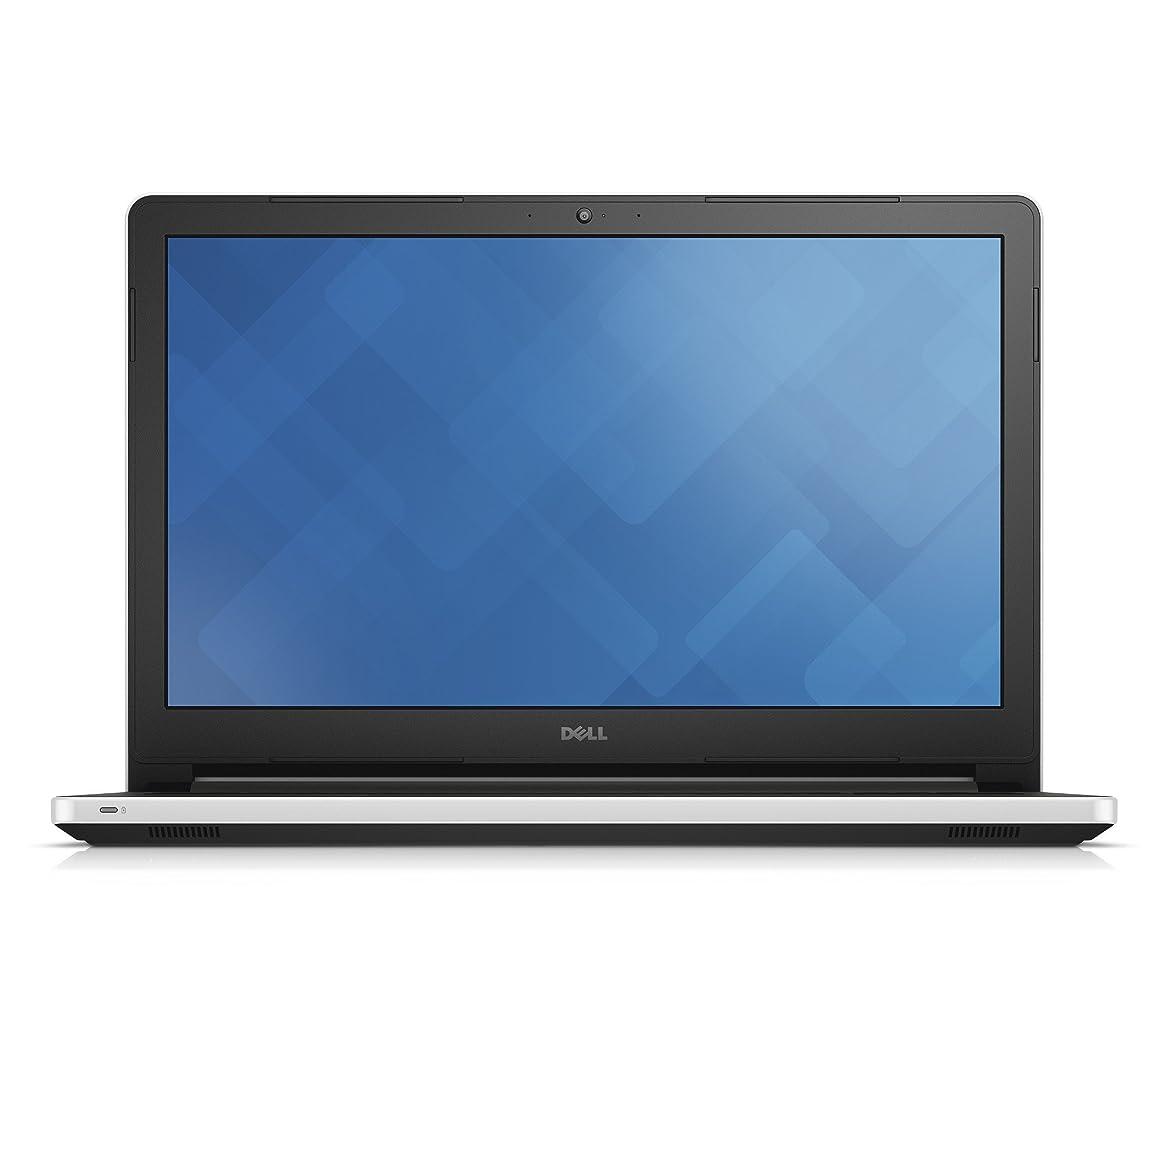 悲鳴失業者マトリックスDell Inspiron 15 5000 Series 15.6-Inch Laptop (Intel Core i7 5500U, 8 GB RAM, 1 TB HDD) NVIDIA GeForce 920M 4GB DDR3 - Free Upgrade to Windows 10(US Version, Imported)